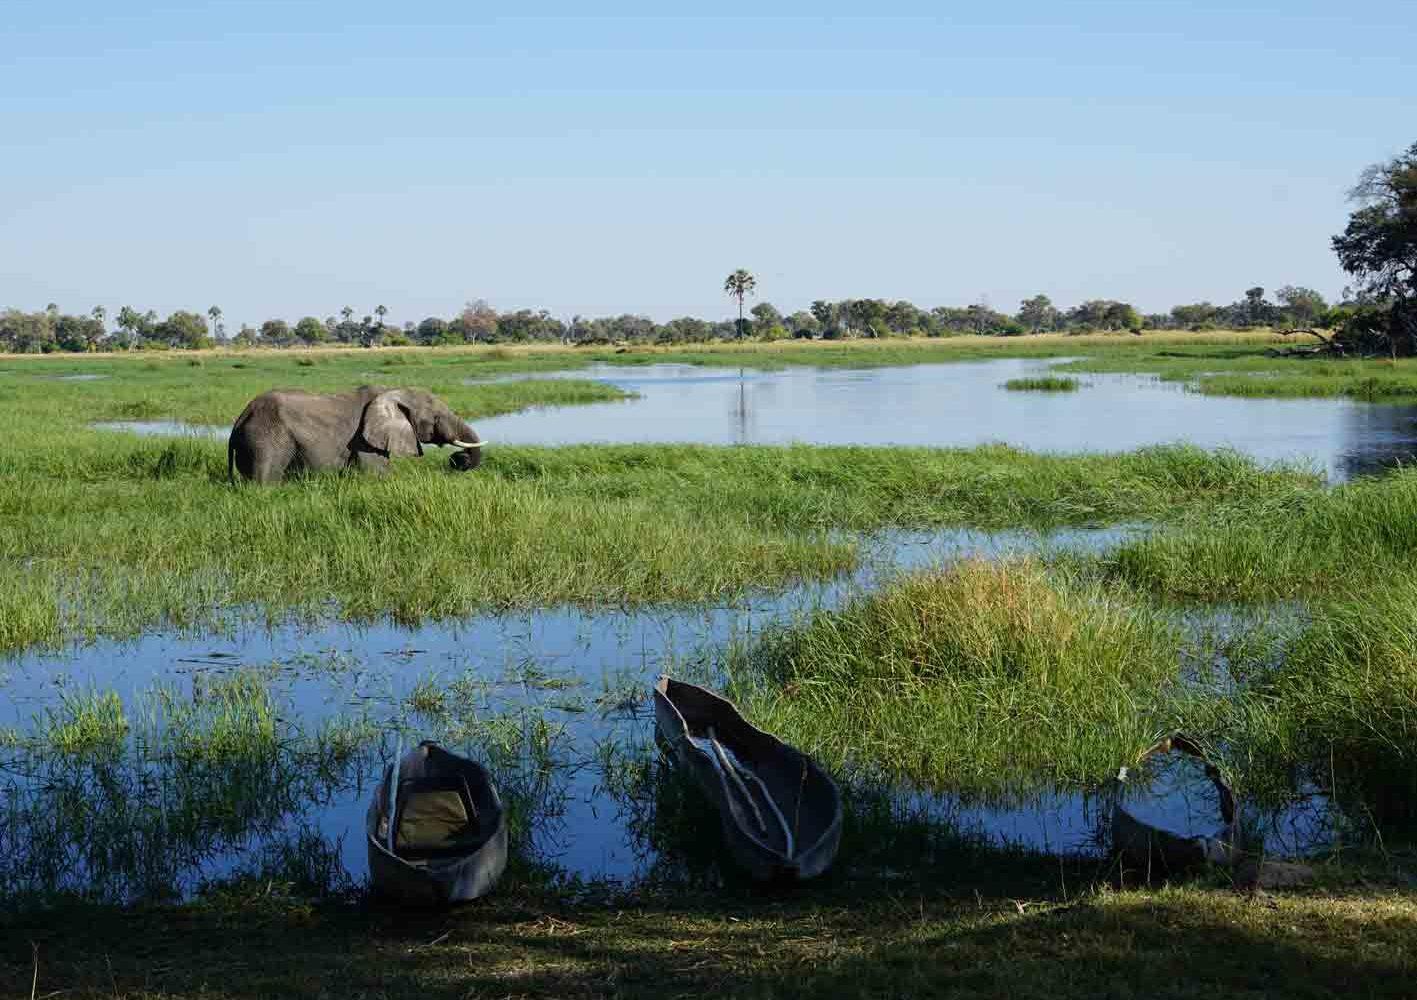 Okawango-Delta, Botswana